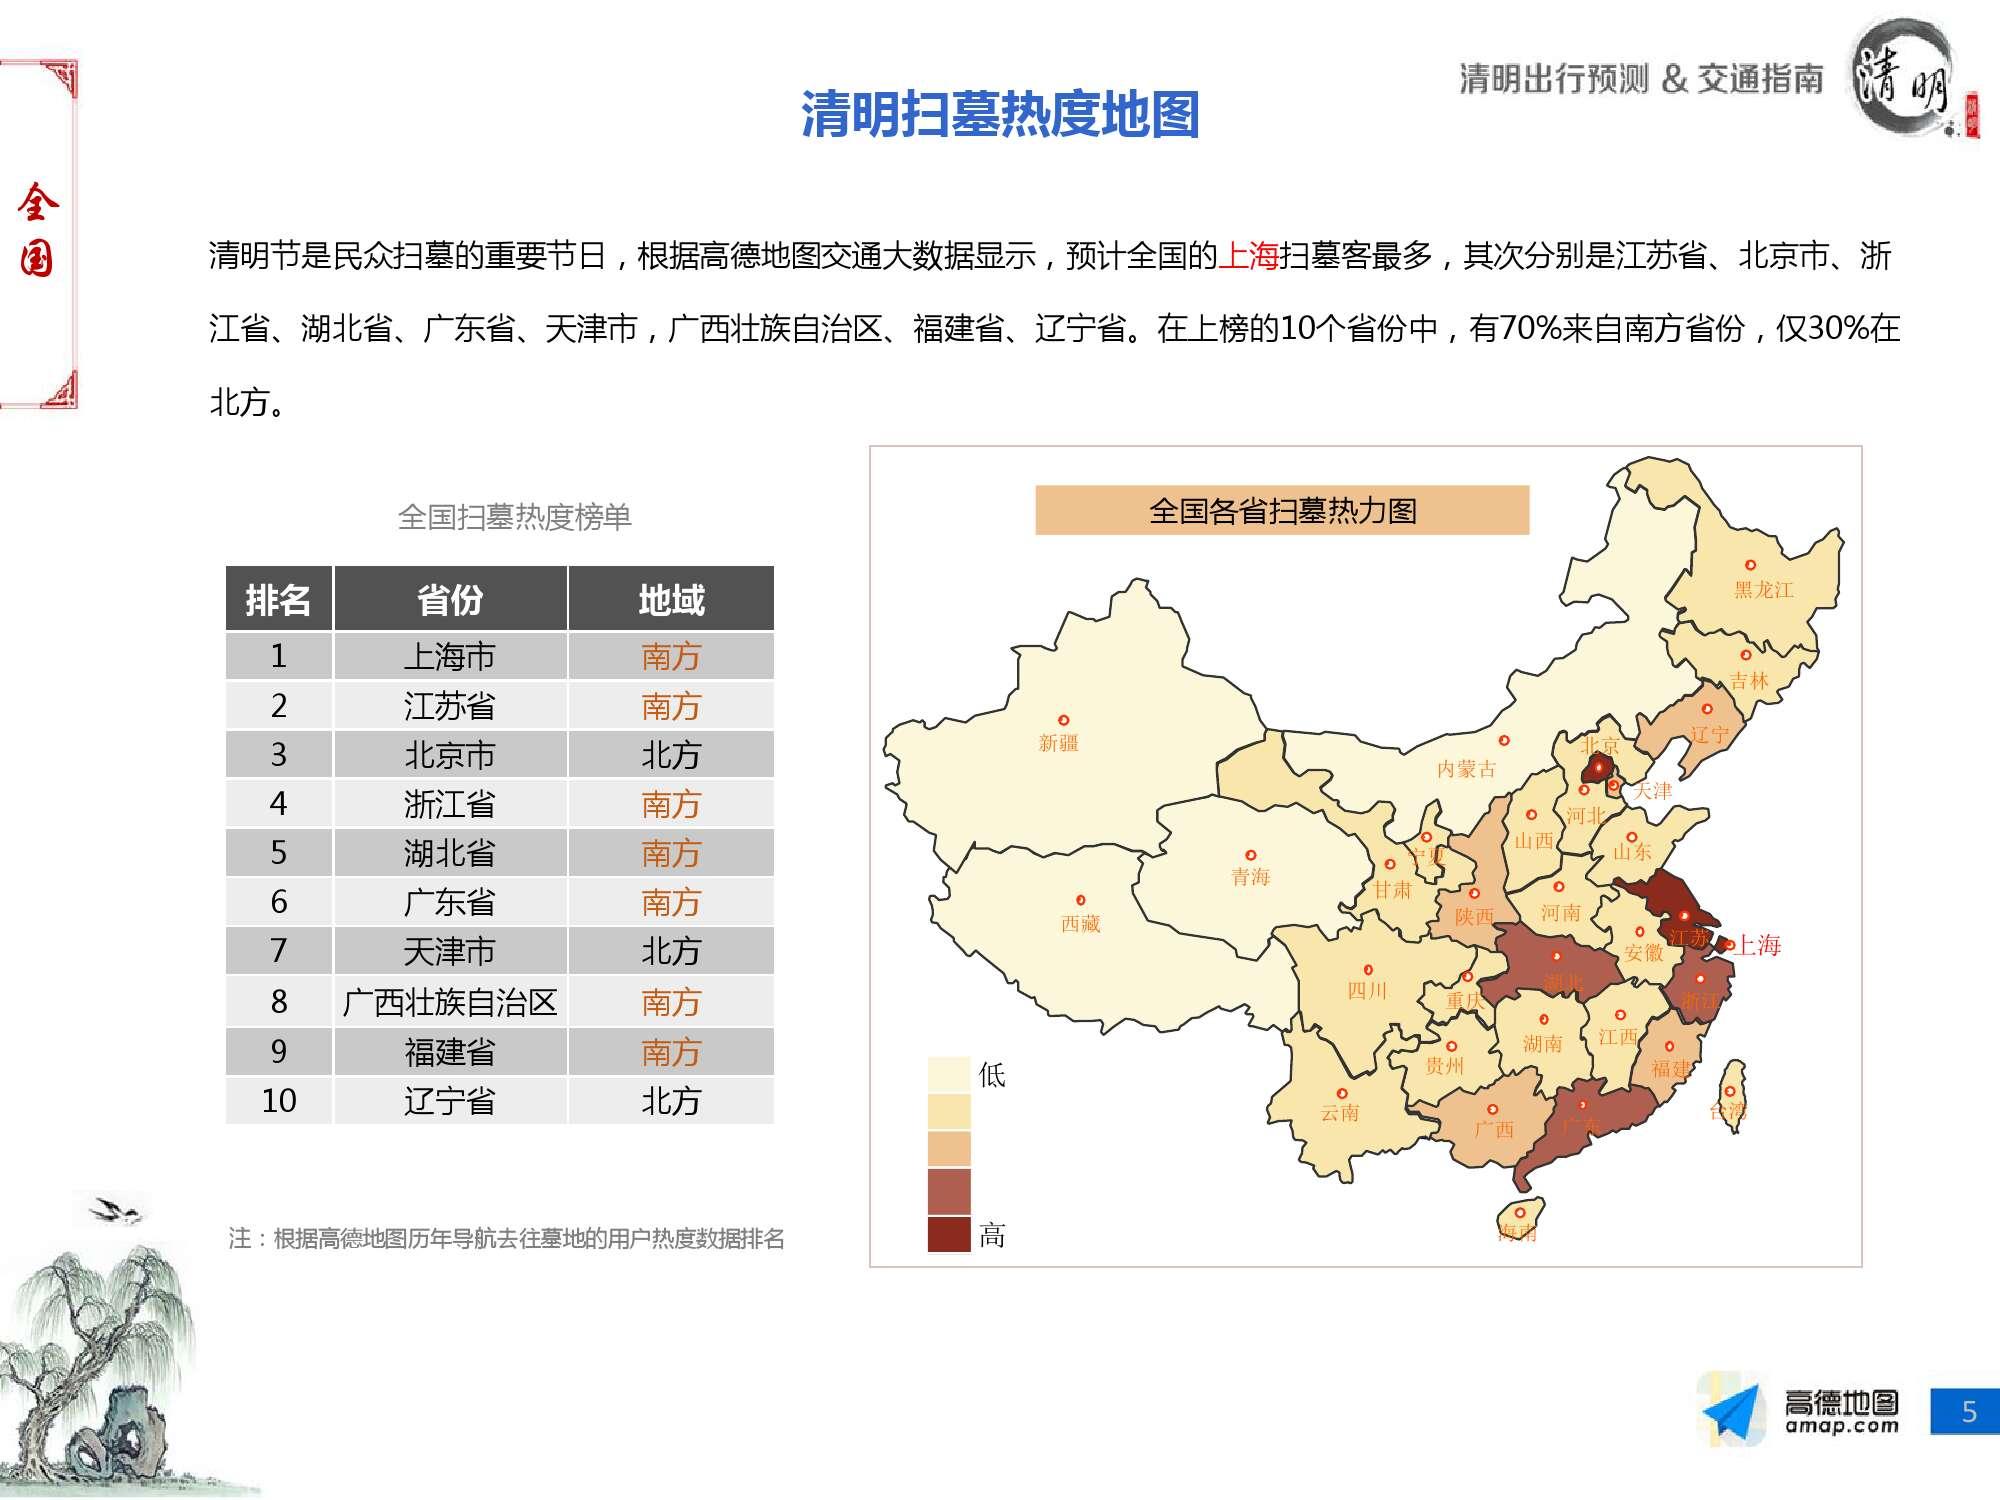 2016年清明节出行预测报告-final_000005